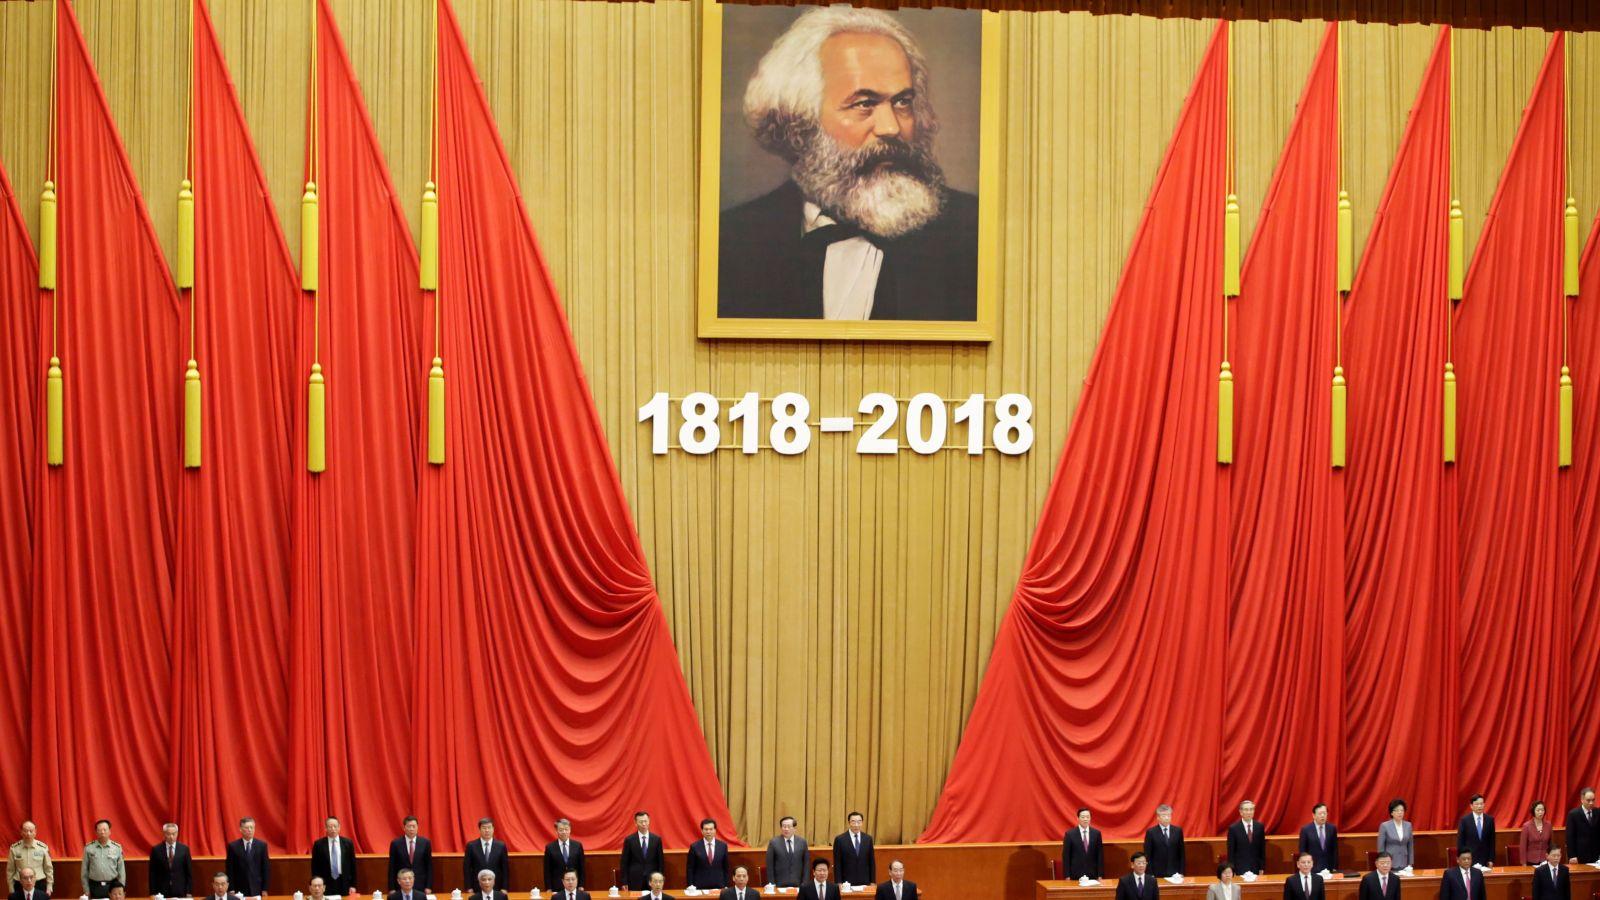 Xi Jinping: Stick to Karl Marx's True Path